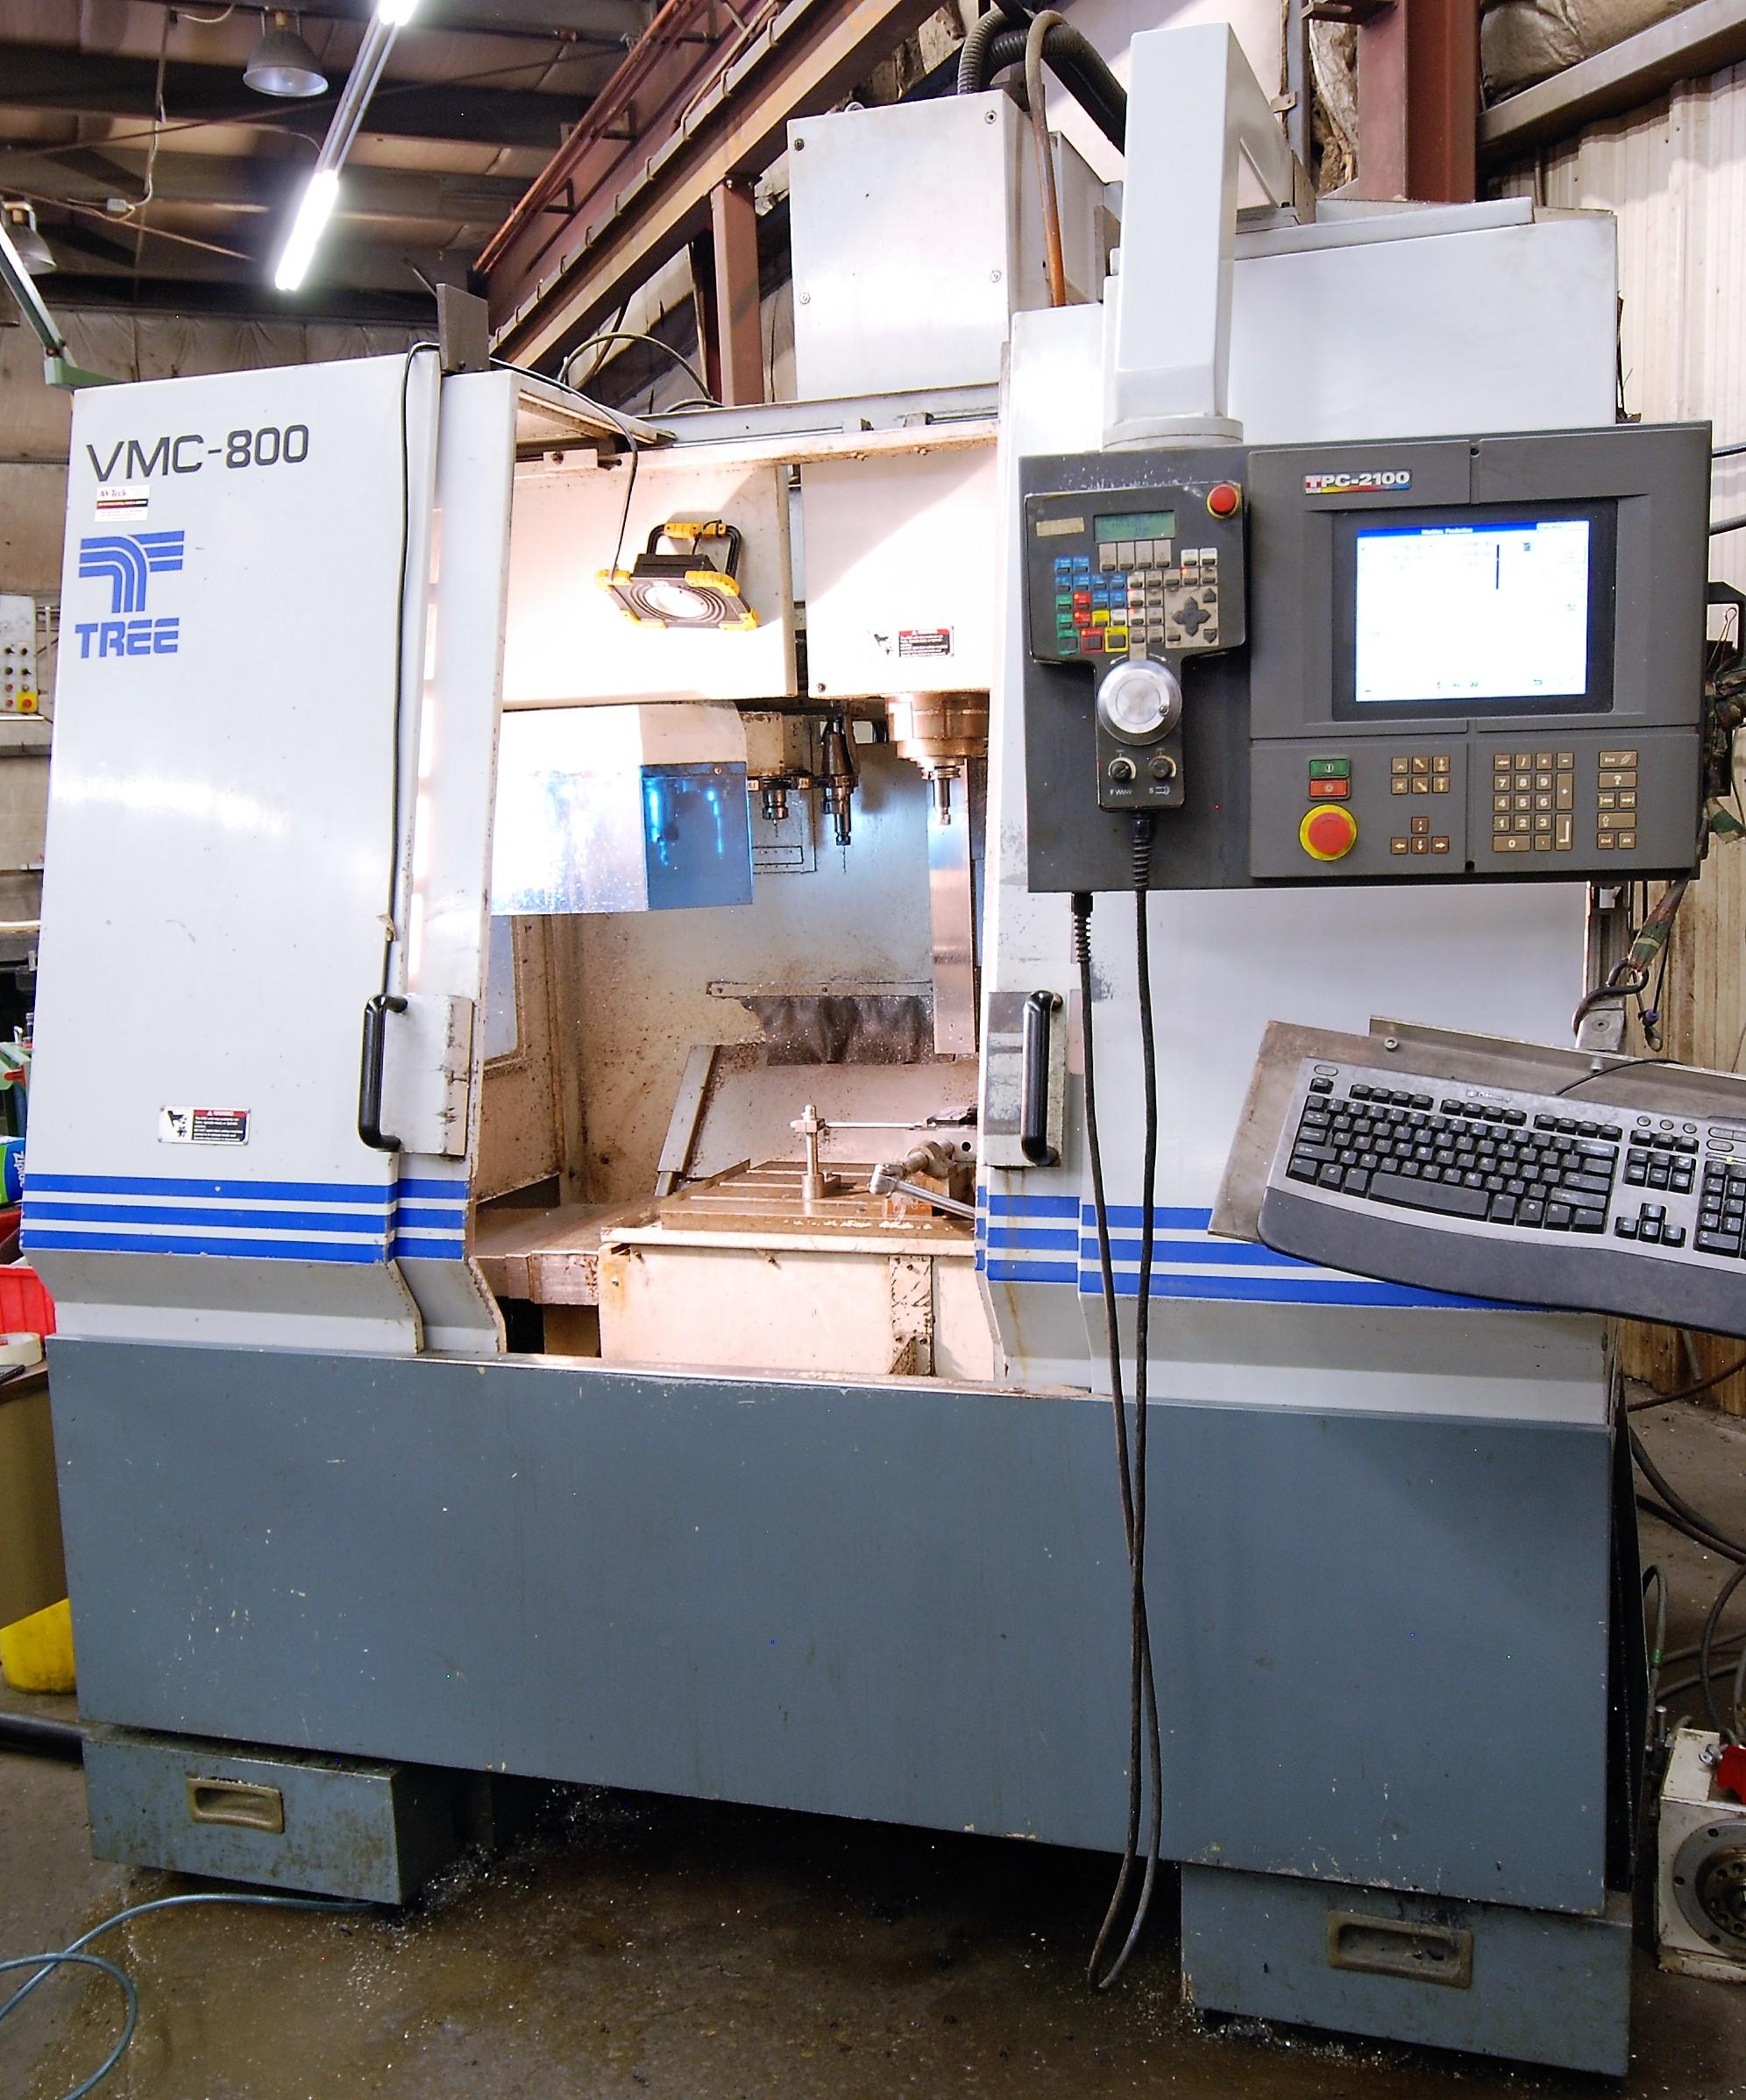 """TREEVMC 800/20 CNC VERTICAL MACHINING CENTER, S/N TS80900014U, PC-2100 CNC CONTROL, ATC, 25"""" x"""